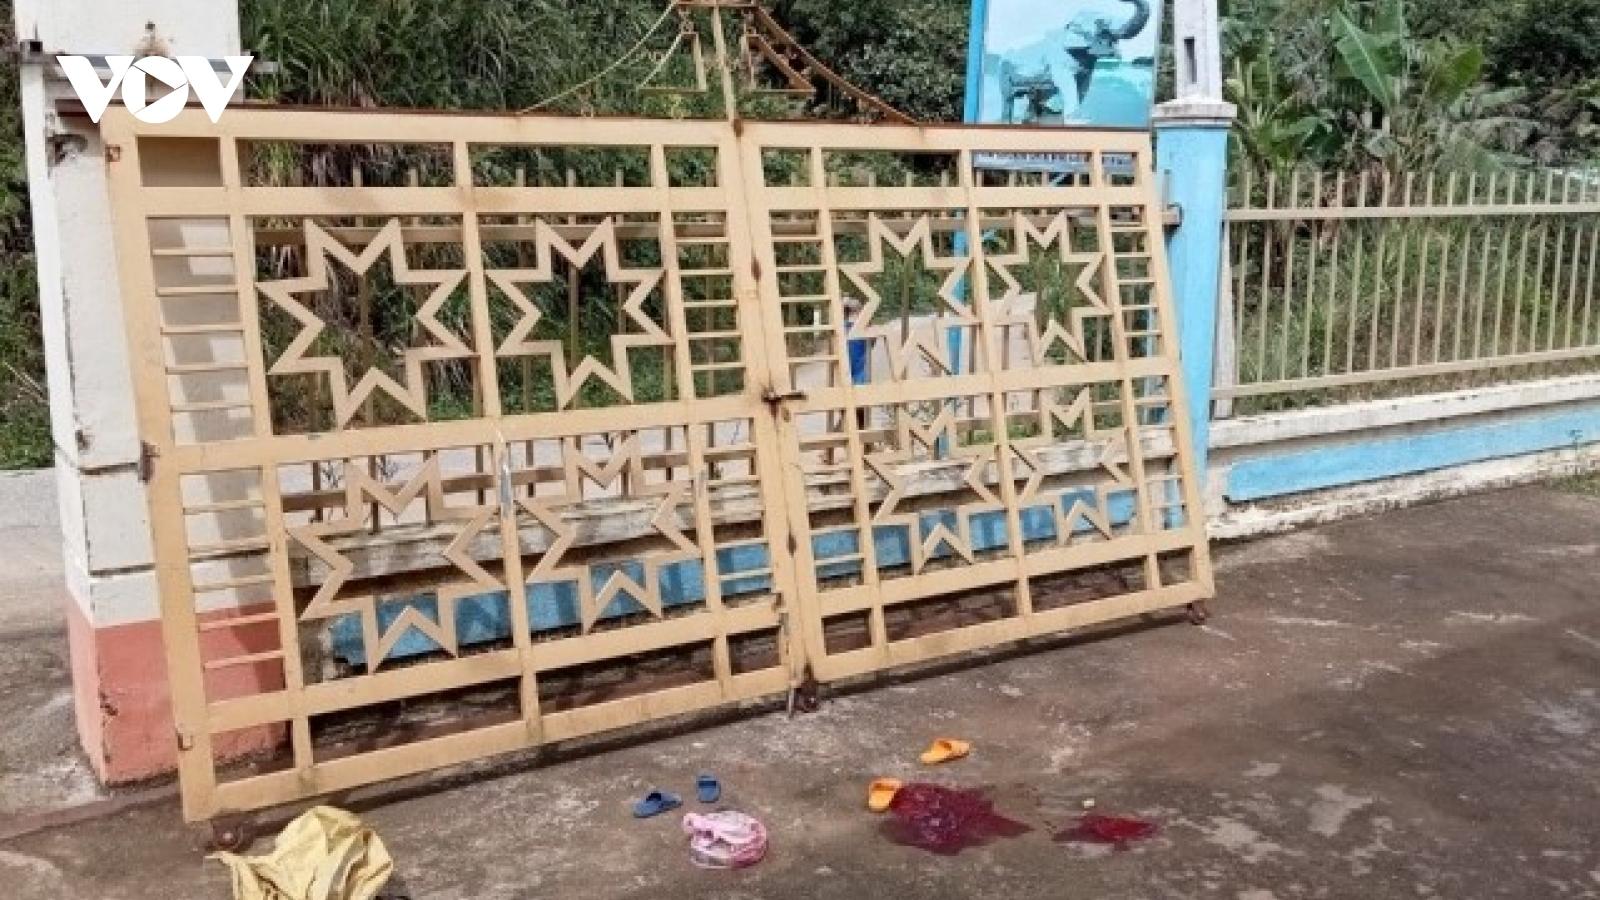 Sập cổng làm chết 1 học sinh ở Quảng Nam: Yêu cầu rà soát cơ sở vật chất trường học